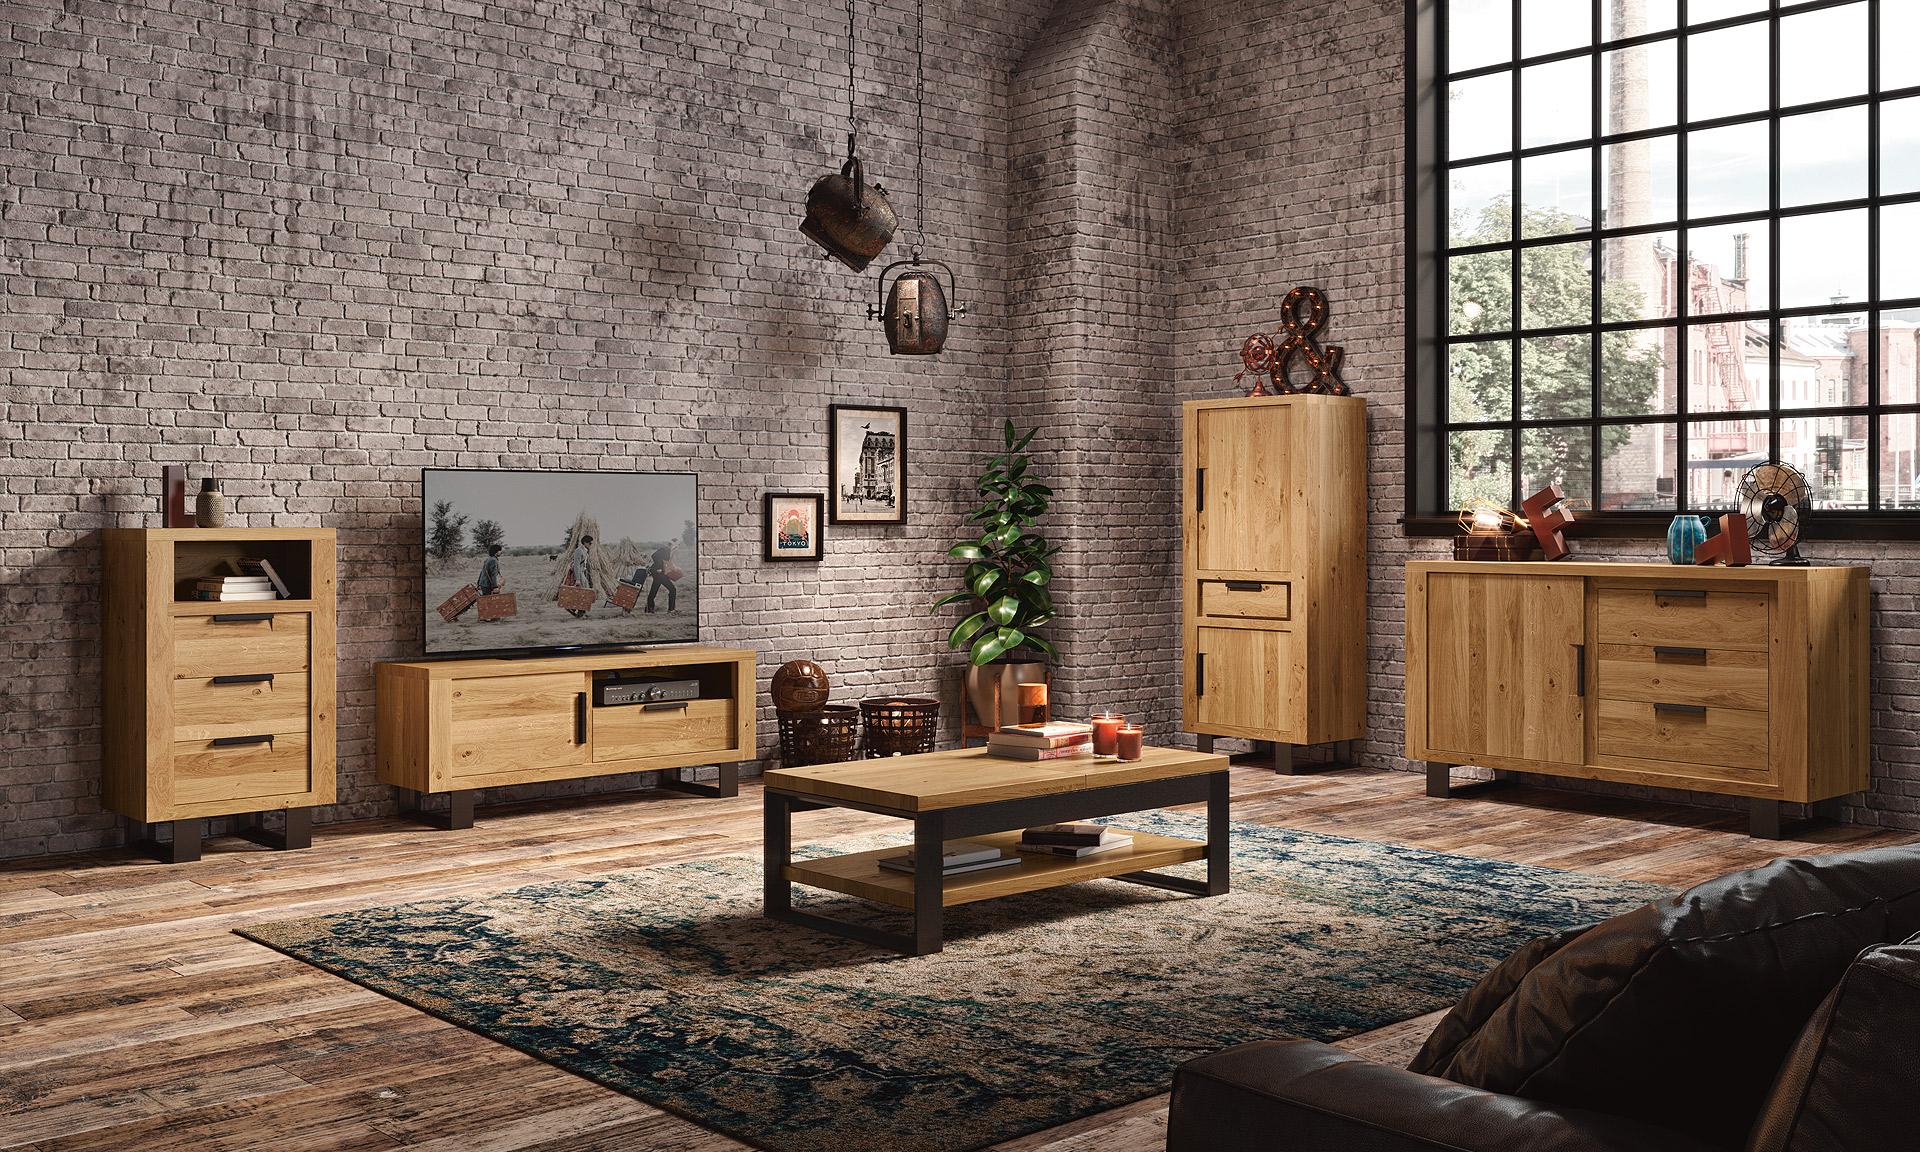 meubles-sejour-moderne-style-industriel-bois-metal-botan